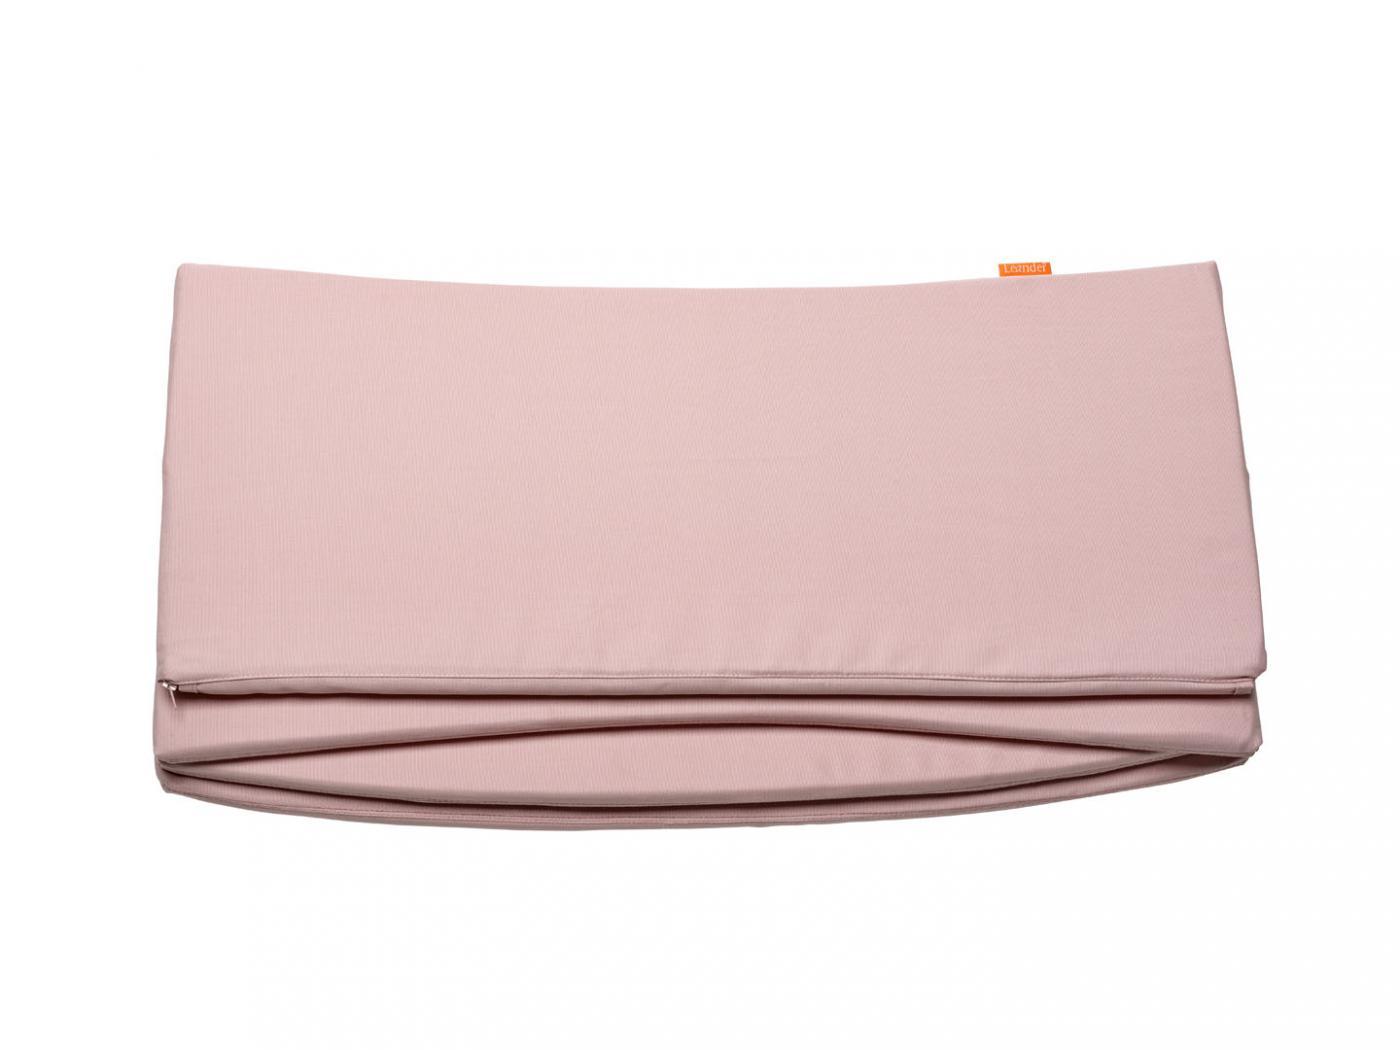 leander tour de lit rose pale pour lit b b volutif. Black Bedroom Furniture Sets. Home Design Ideas